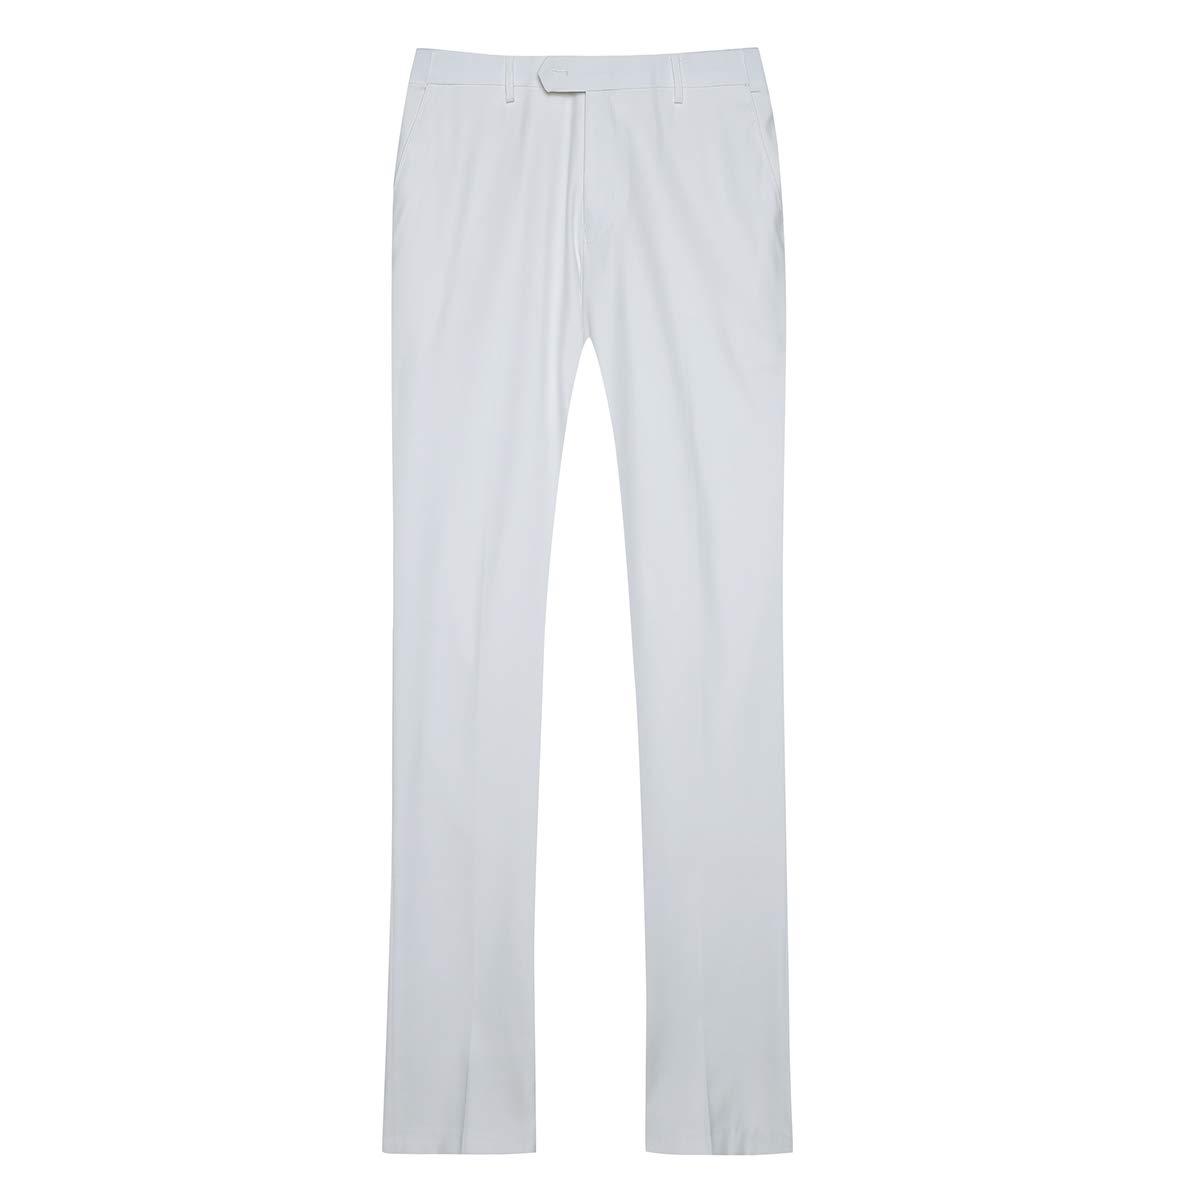 Hombre Youthup Traje Para Hombres Blazer Y Pantalones Elegantes Trajes Para Hombre De Vestir Ropa Lekabobgrill Com